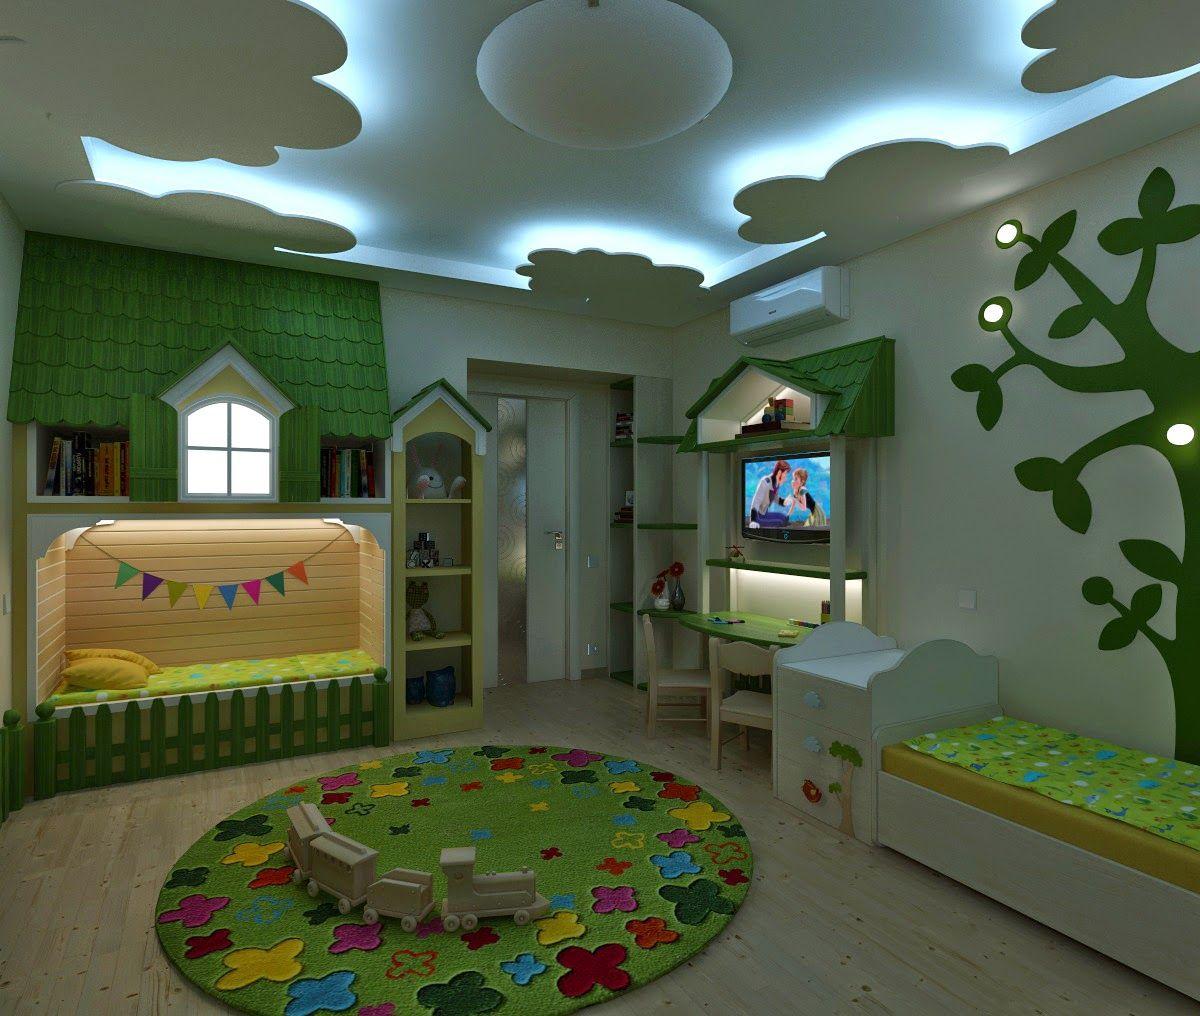 Decoraci n para cuarto de ni os inspiraci n sir for Decoracion de cuartos para jovenes